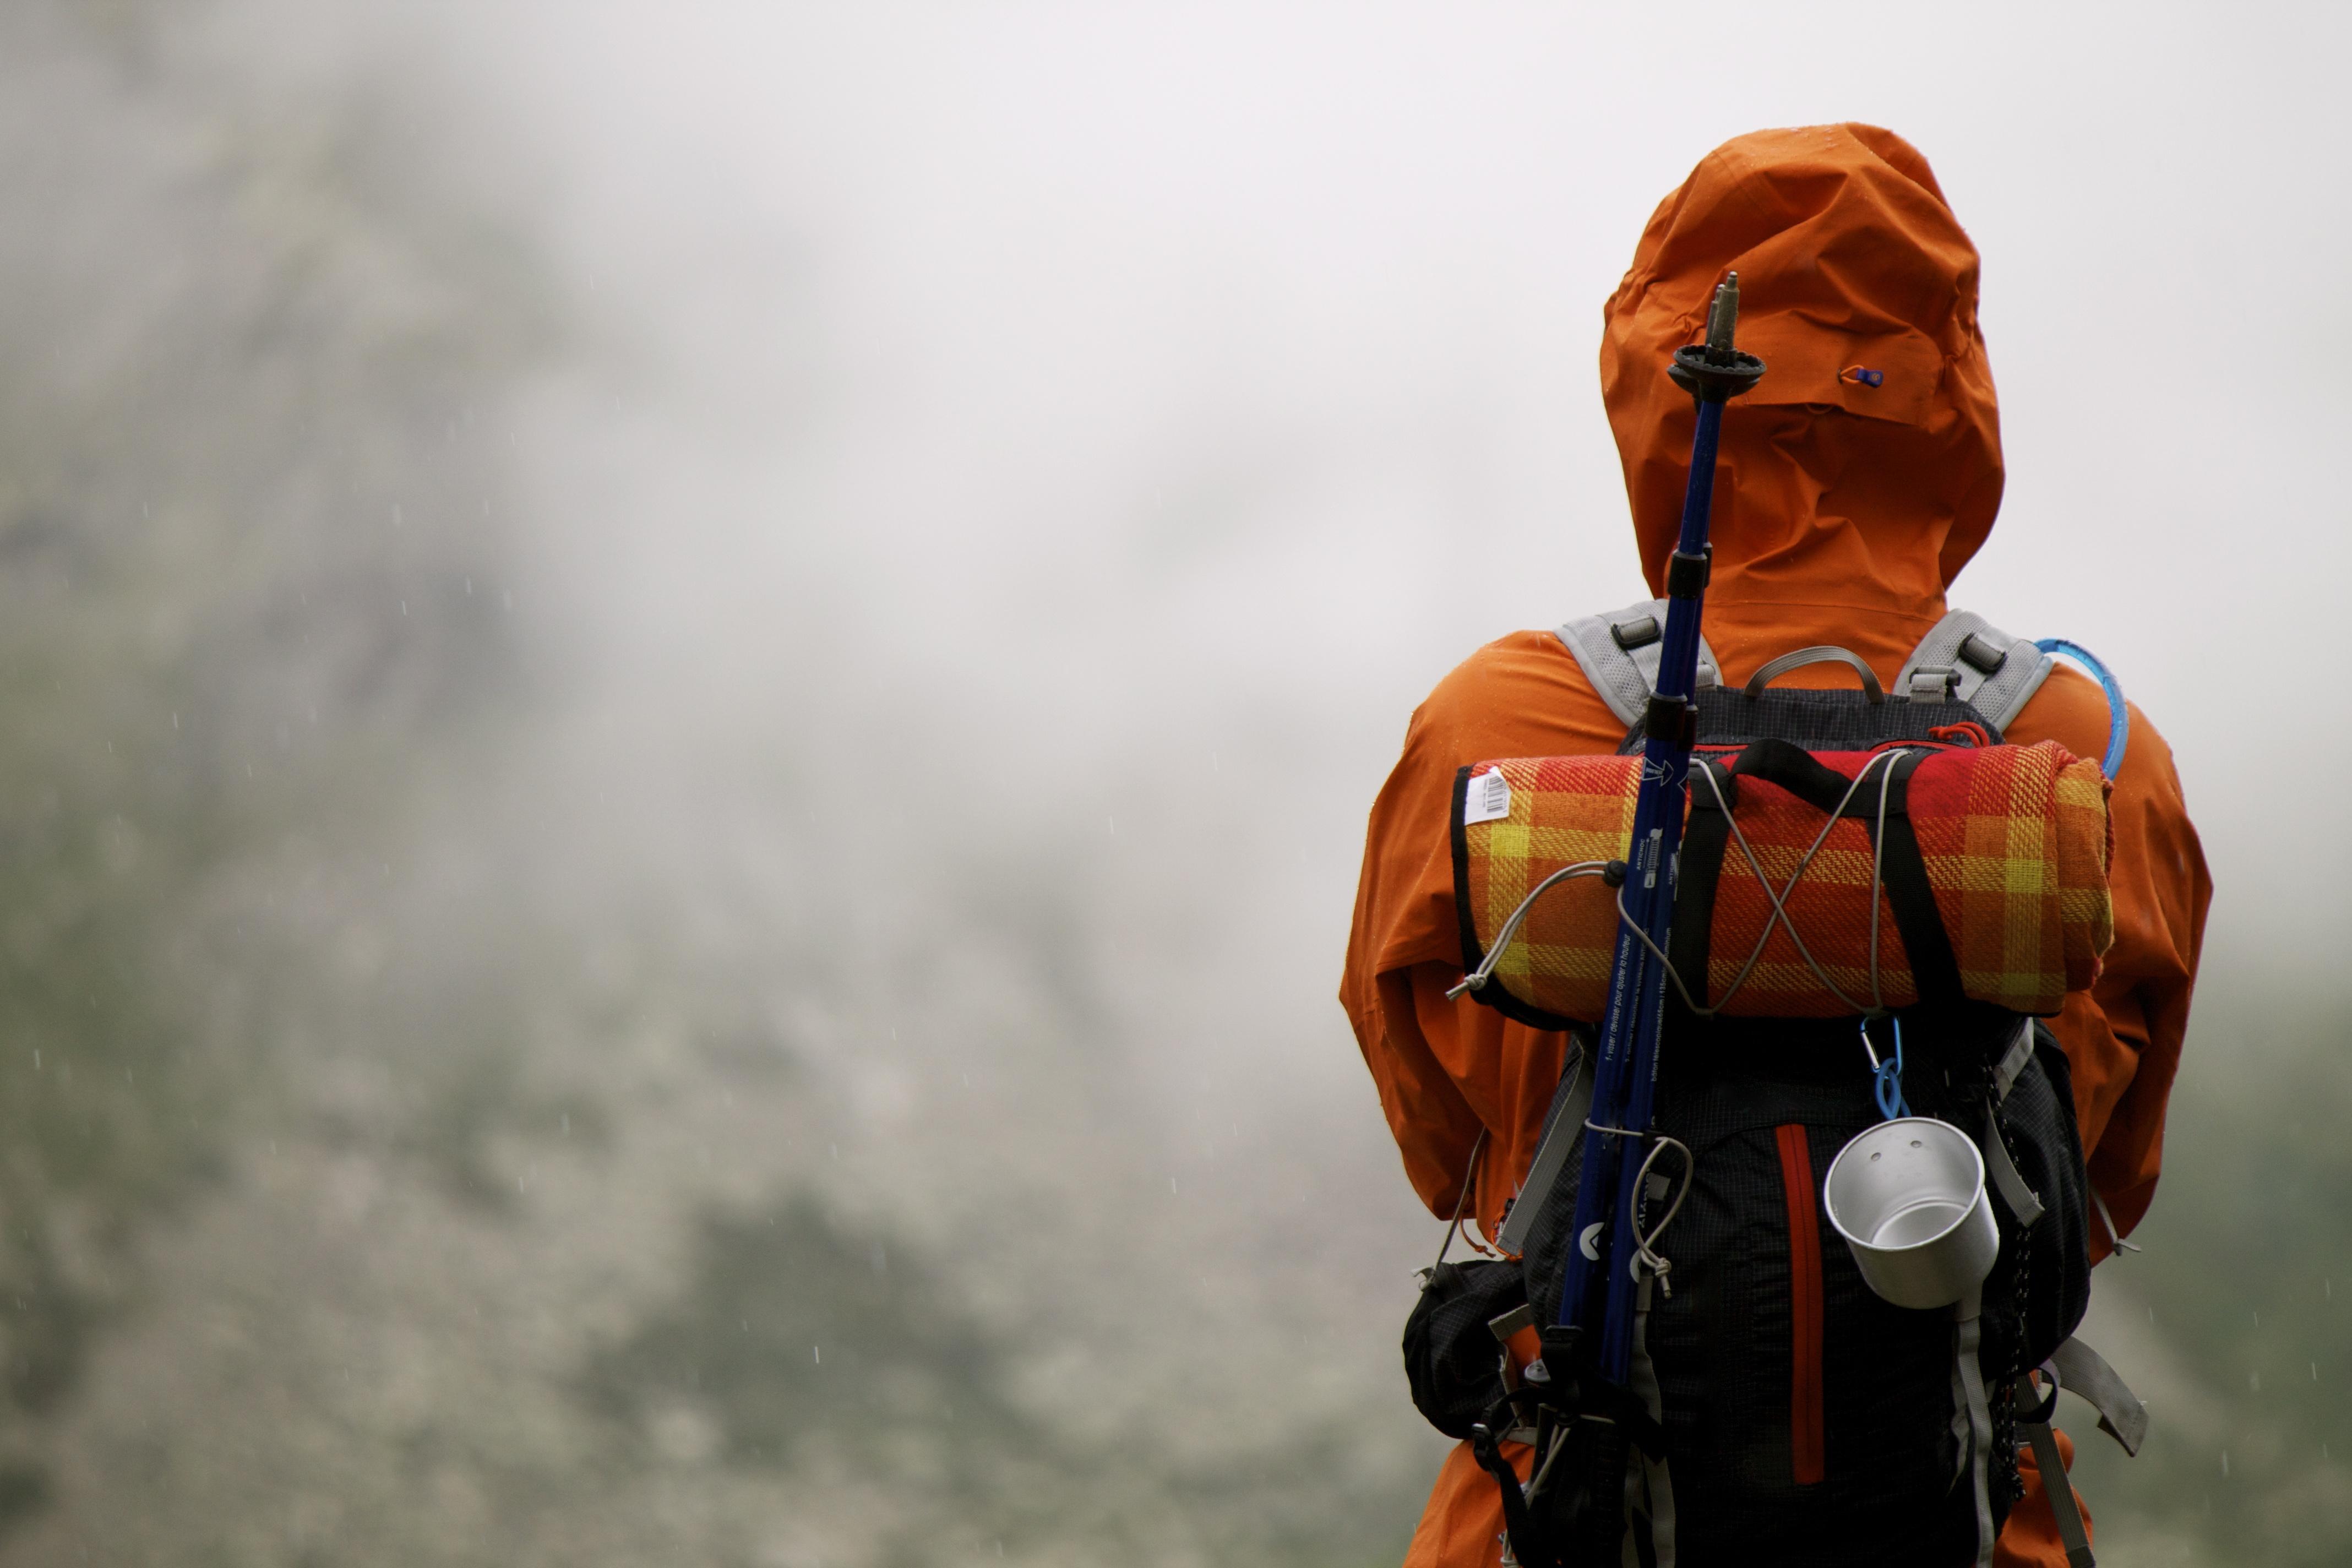 backpacker_overlooking_mist